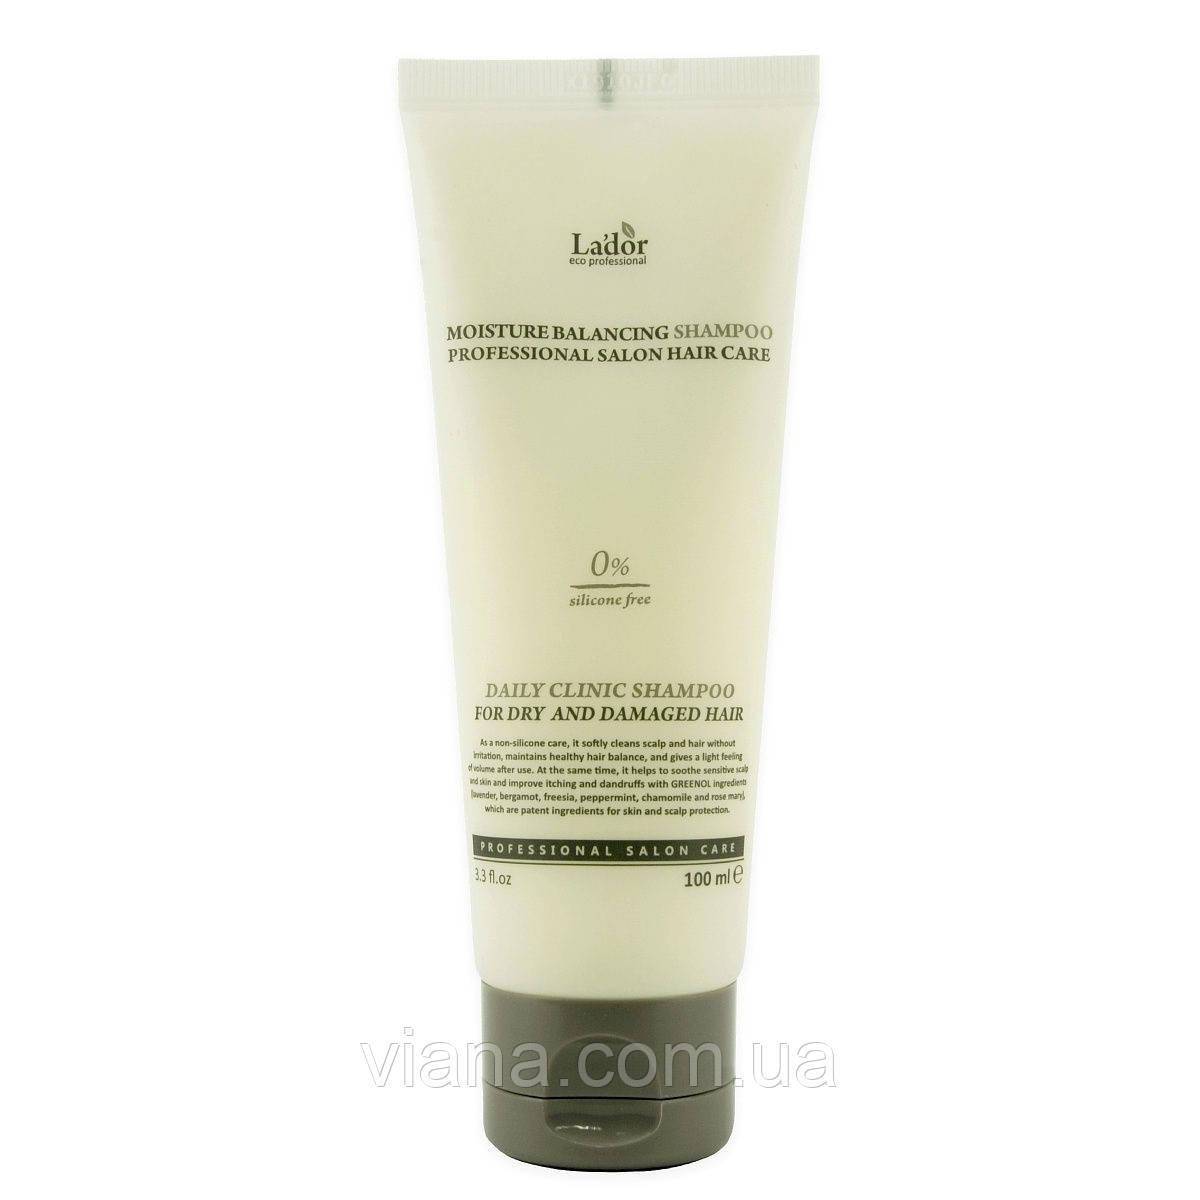 Увлажняющий бессиликоновый шампунь Lador Moisture Balancing Shampoo 100 мл